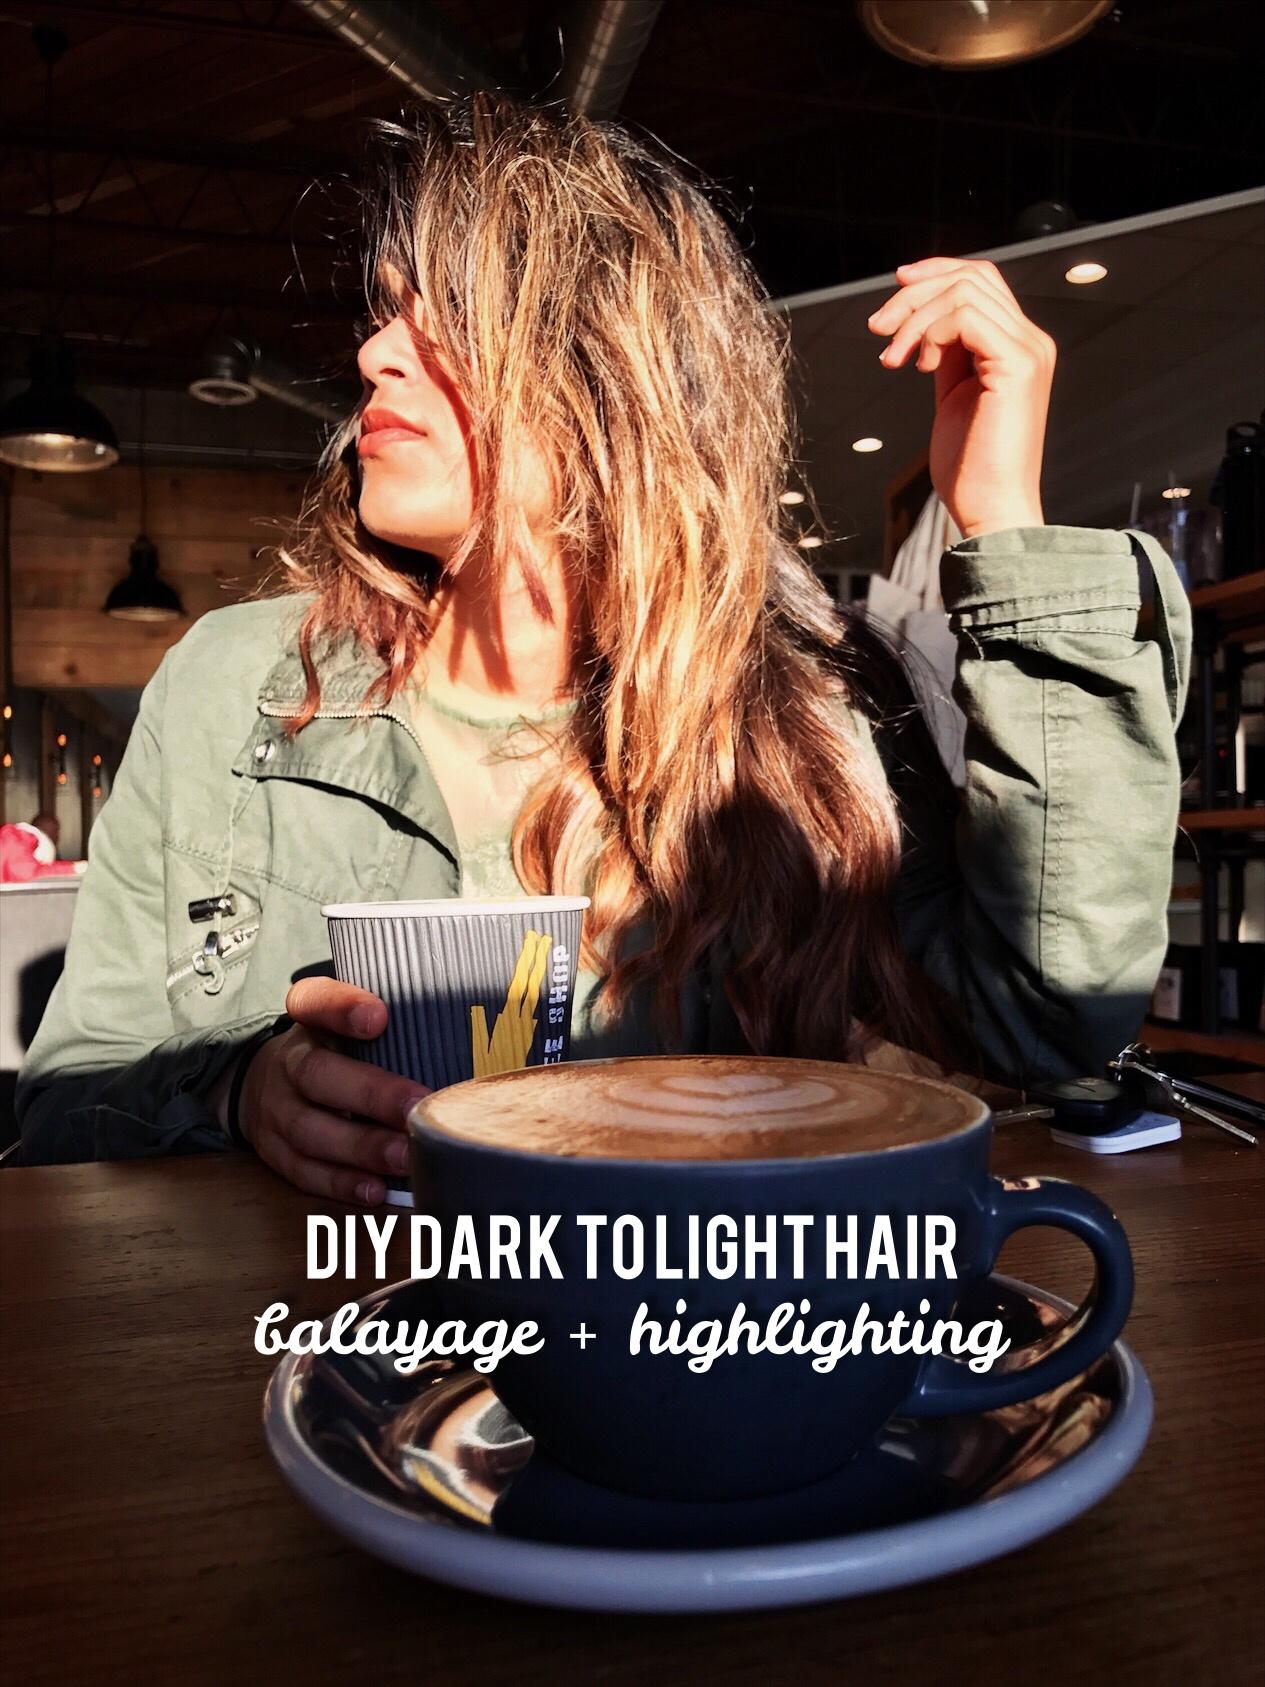 Diy dark to light hair highlighting balayage the snobby foodie diy dark to light hair highlighting balayage solutioingenieria Gallery